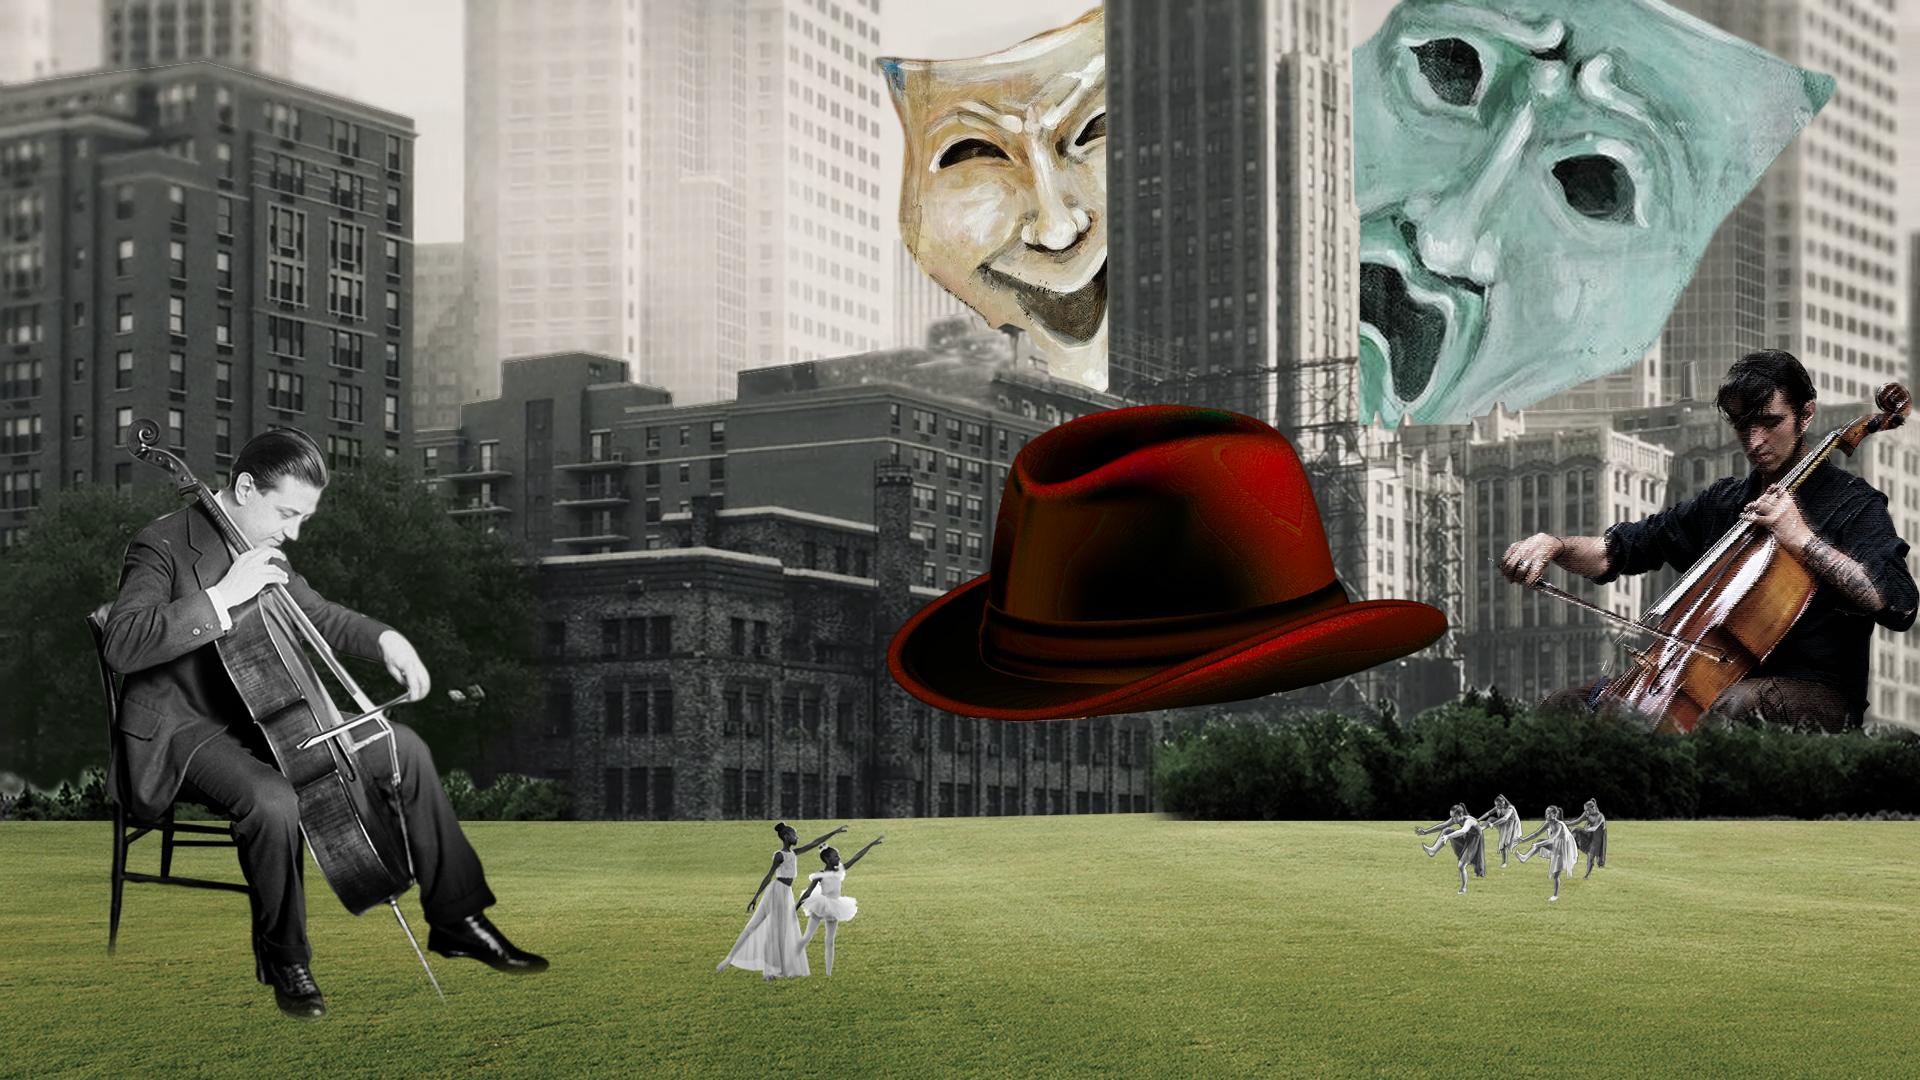 Surrealismo con rascacielos en blanco y negro. Máscaras. Hombres tocando el violonchelo, bailarinas y sombrero levitando. Loco Mundo Arte y Bohemia